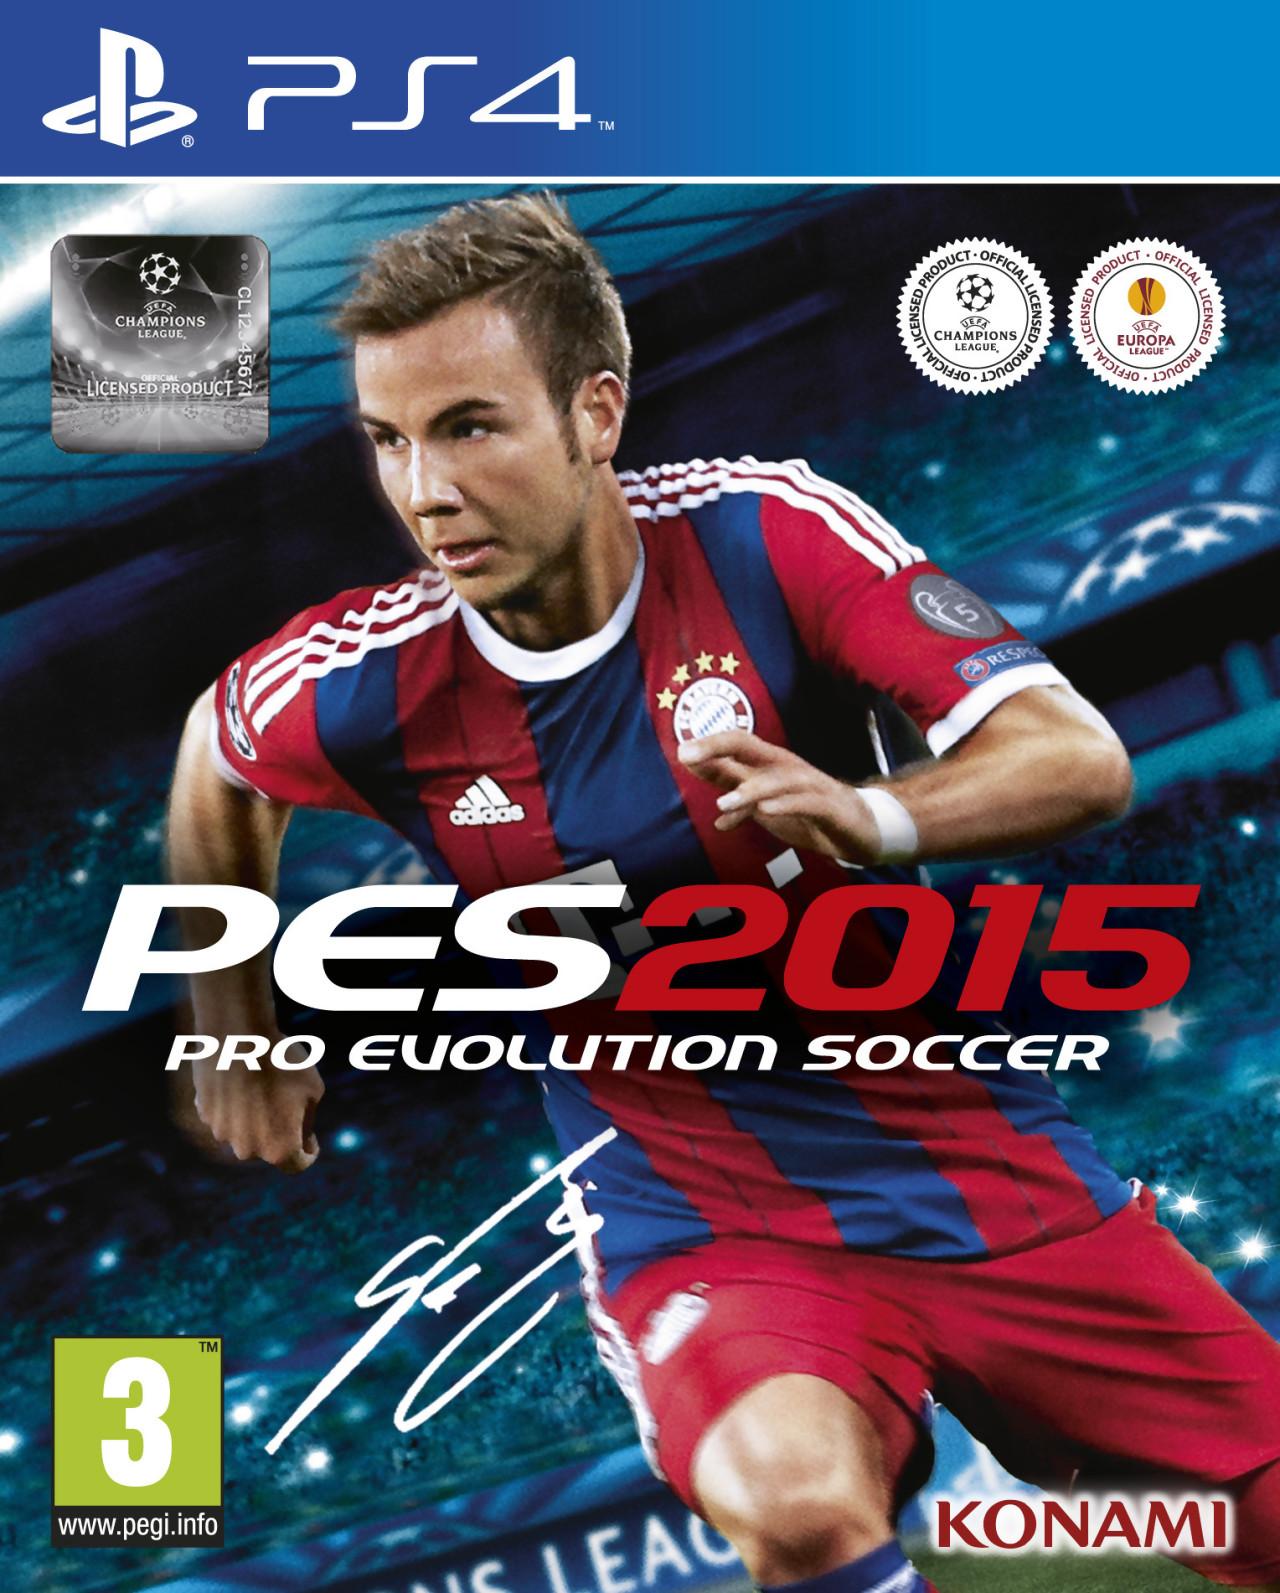 http://i.jeuxactus.com/datas/jeux/p/r/pro-evolution-soccer-2015/xl/pro-evolution-soccer-2015-53f76c0e1f59a.jpg